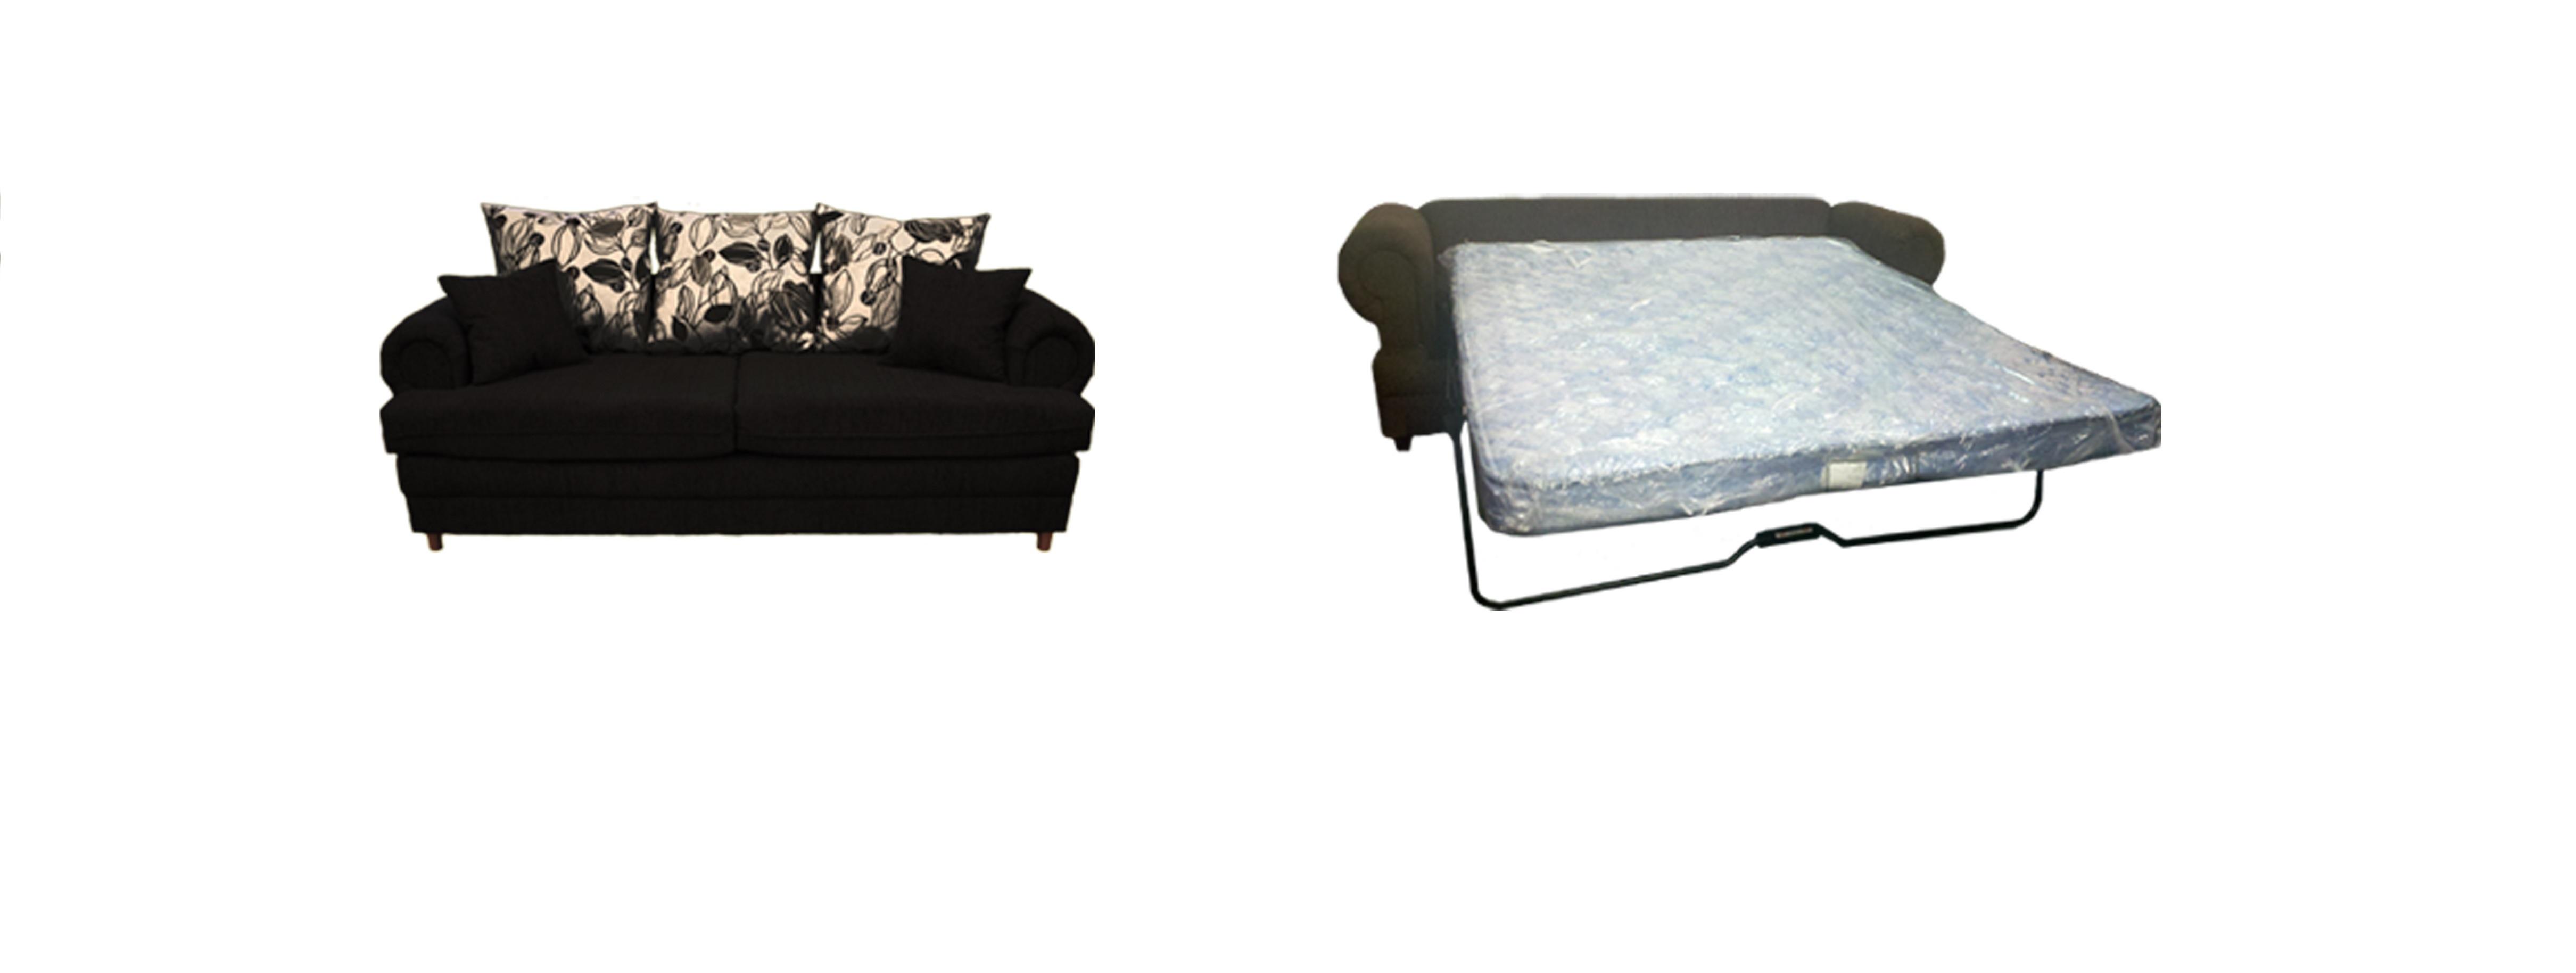 https://0201.nccdn.net/1_2/000/000/13a/13d/sleeper-sofa.jpg